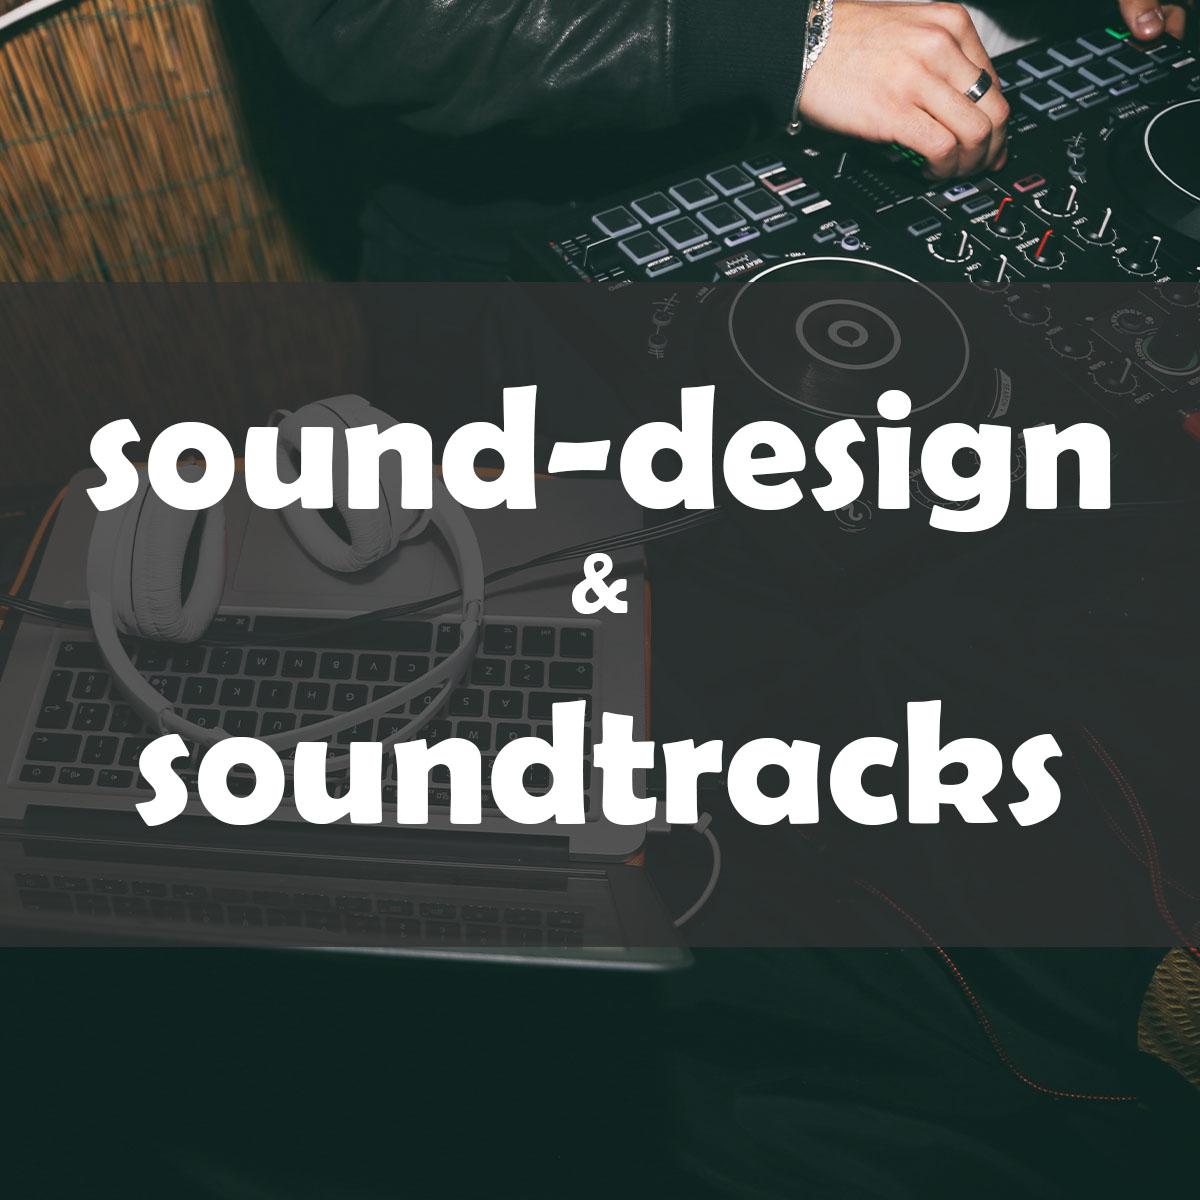 Саунд-дизайн и саундтреки